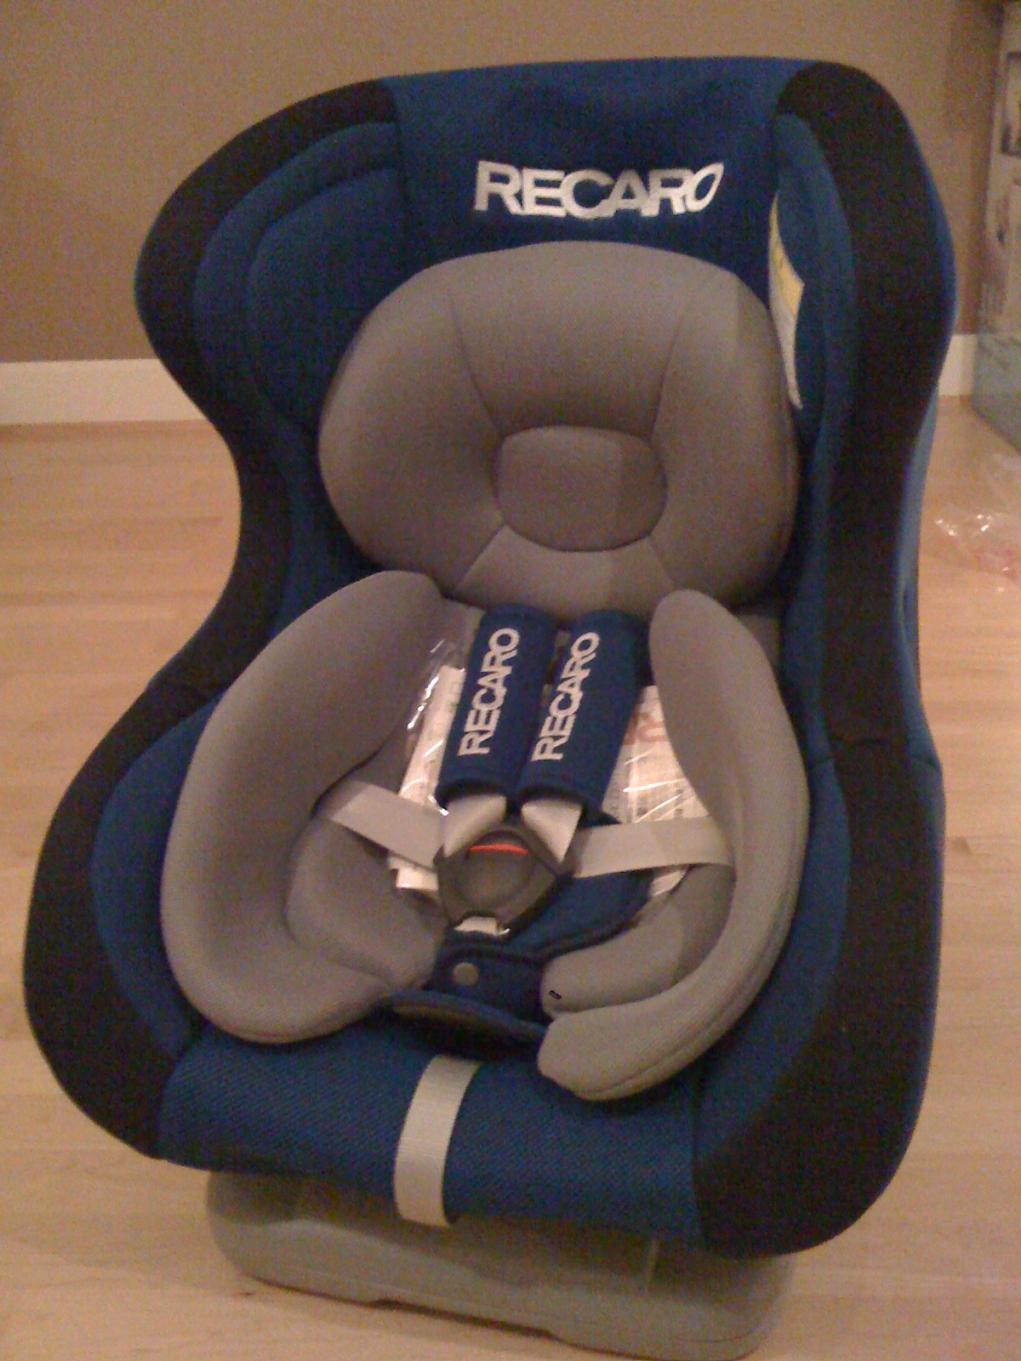 Recaro Baby Seat Bmw 3 Series E90 E92 Forum